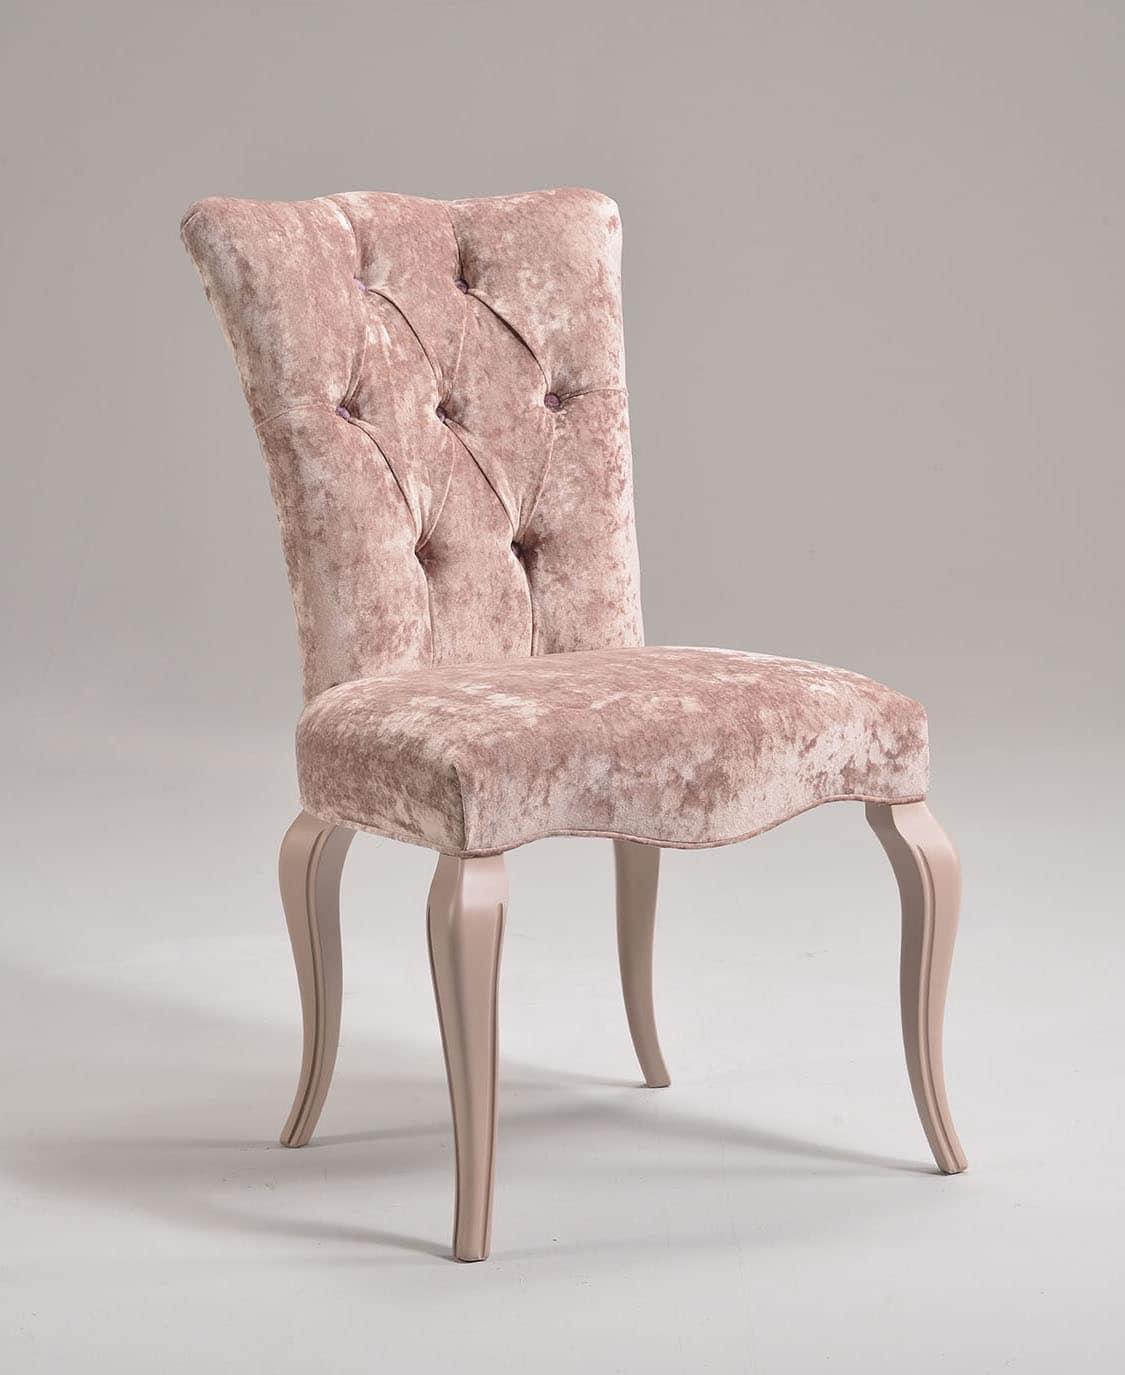 Klassischer Stuhl In Buche Gepolstert Anpassbare Idfdesign